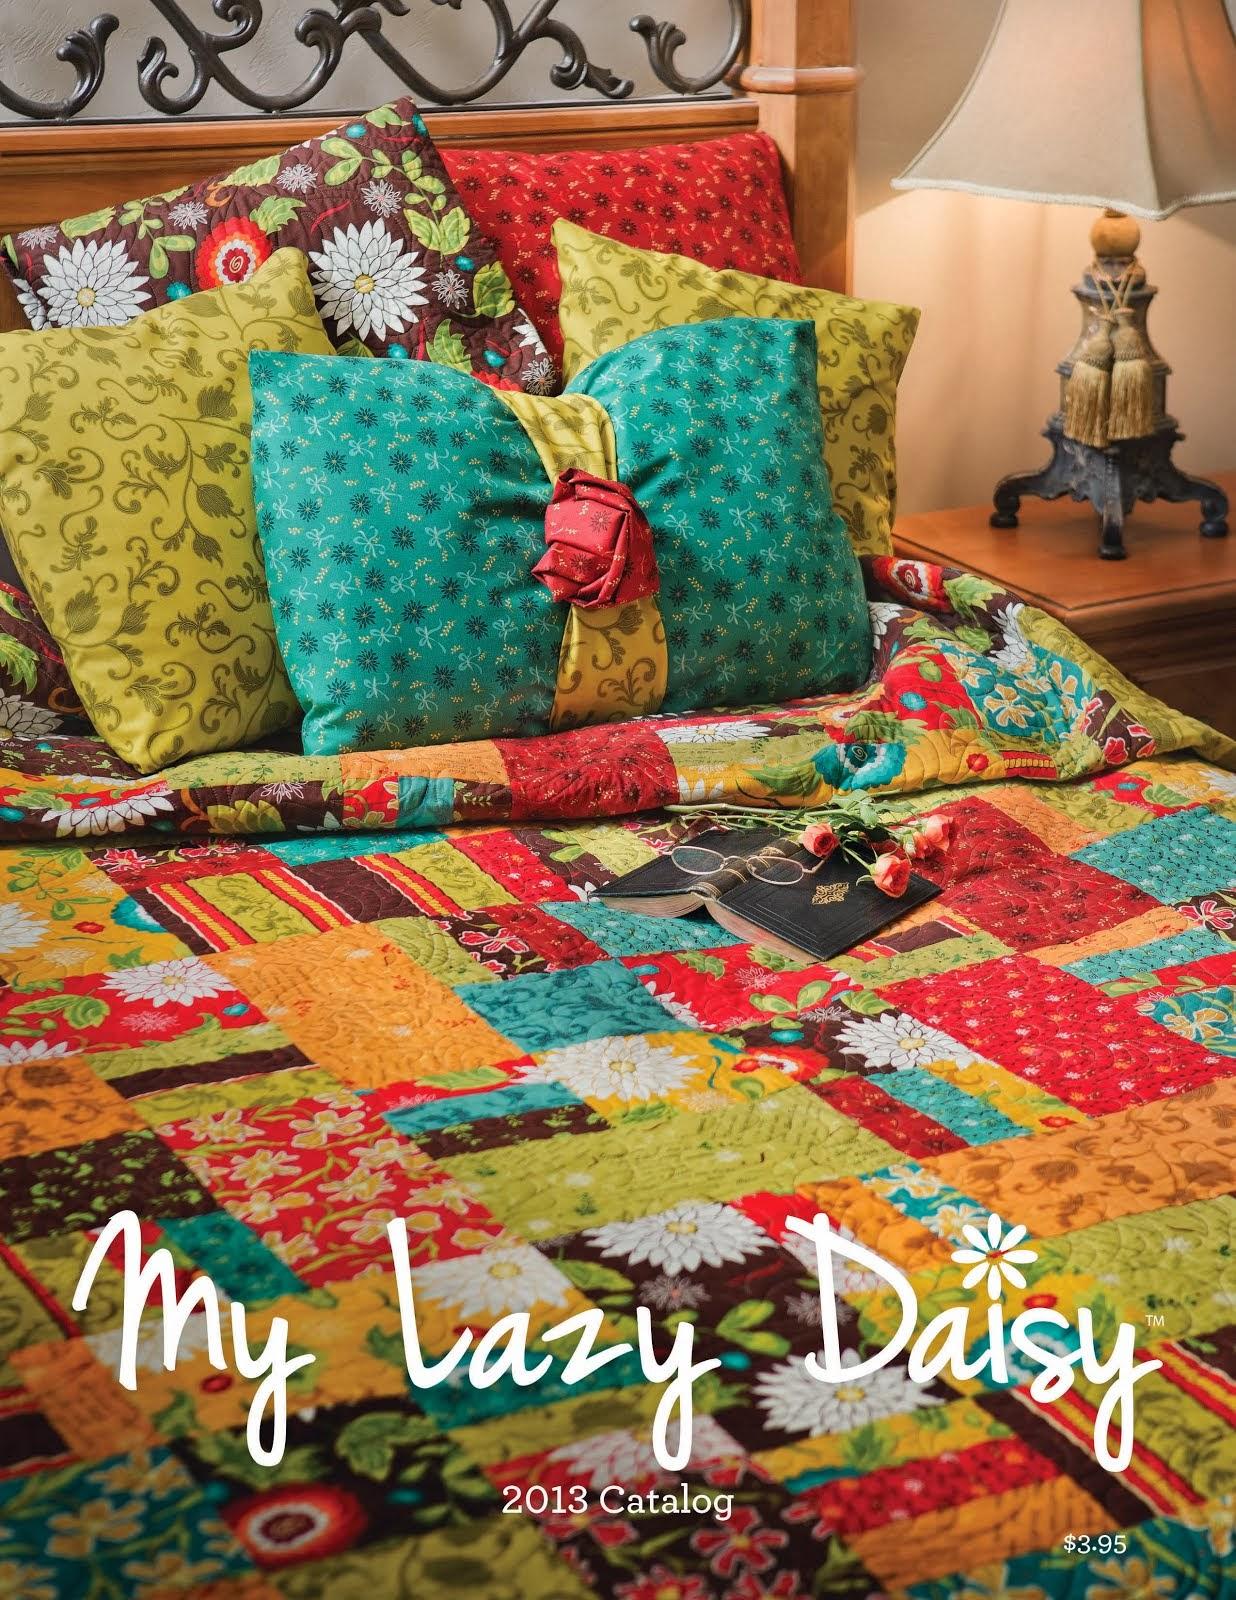 The My Lazy Daisy Catalog